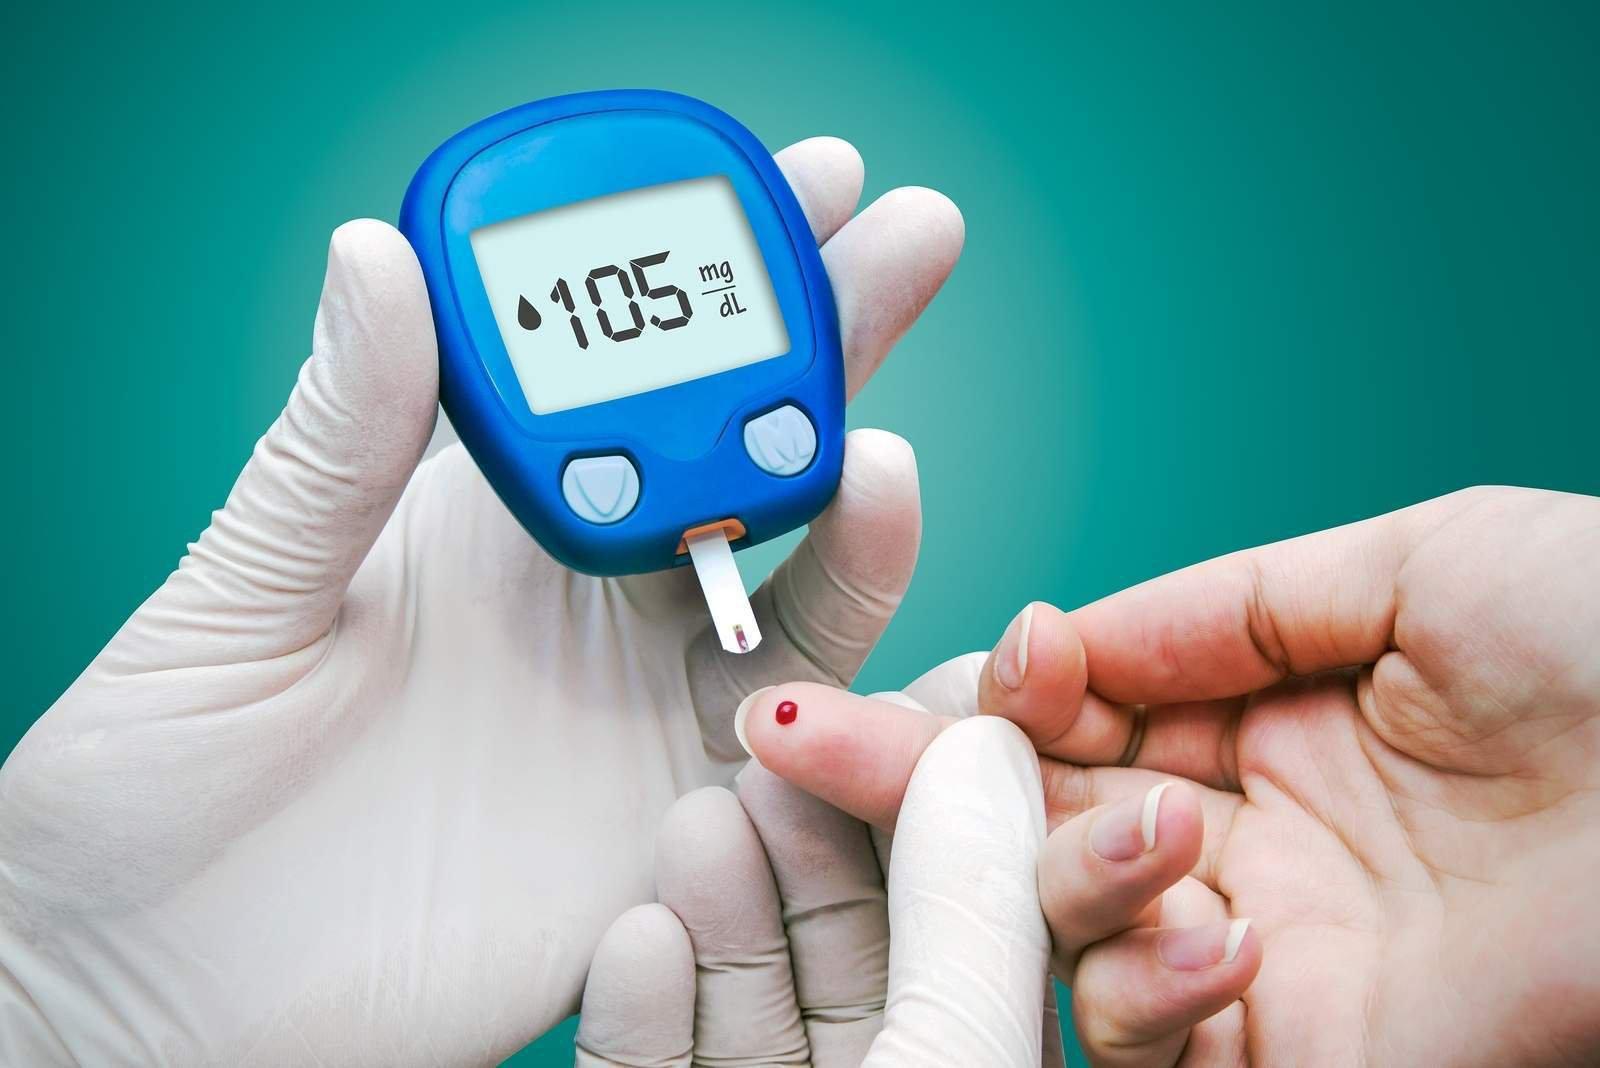 phương pháp giảm cân keto - Ngăn ngừa bệnh tiểu đường